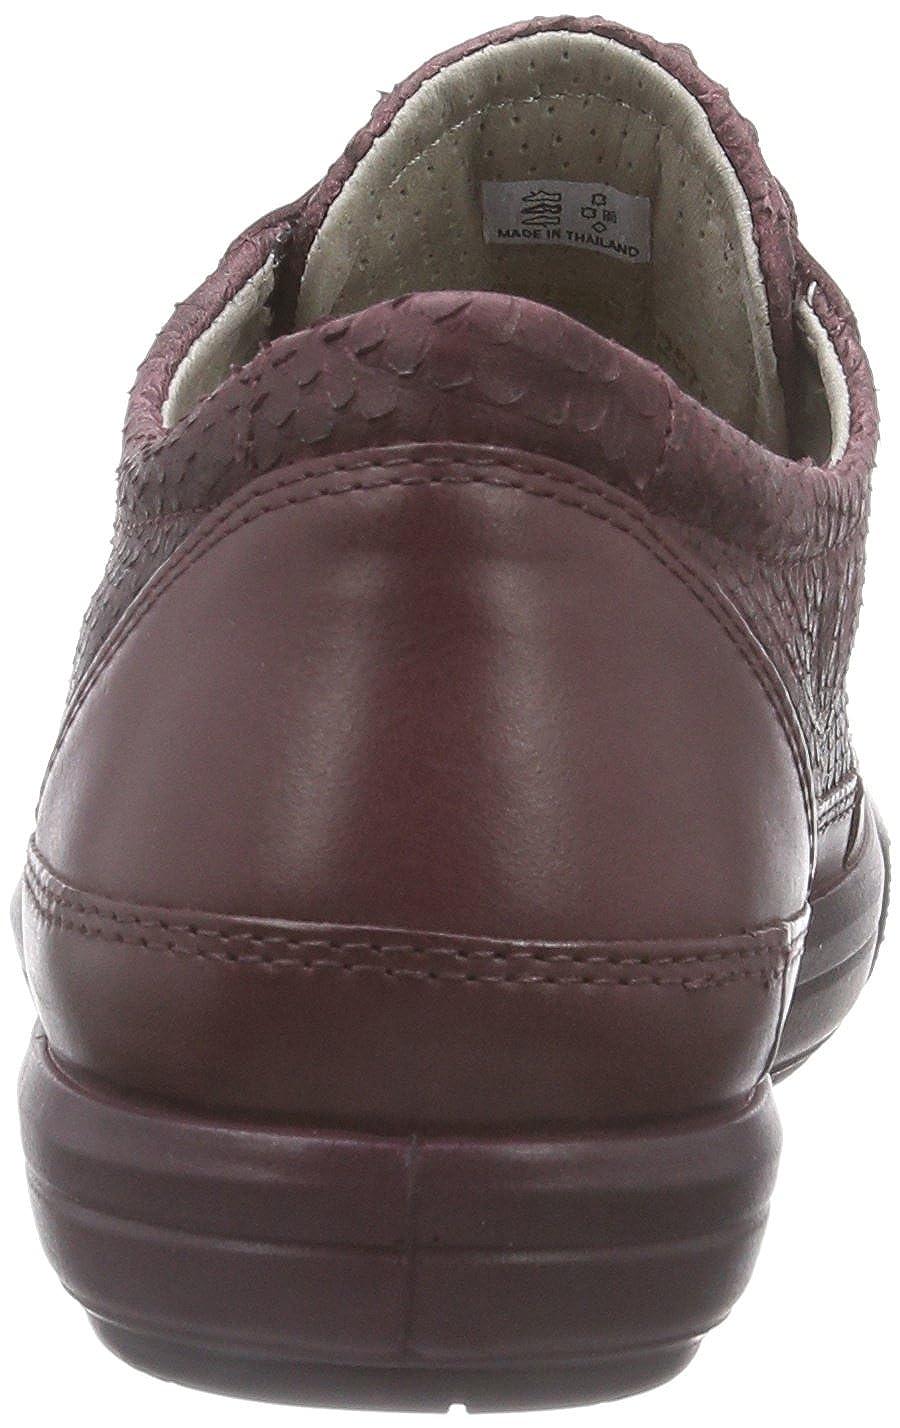 ECCO Dress Sneaker, Scarpe Stringate Stringate Scarpe Basse Derby Donna Rossobordeaux/Bordeaux 52999) c05c54